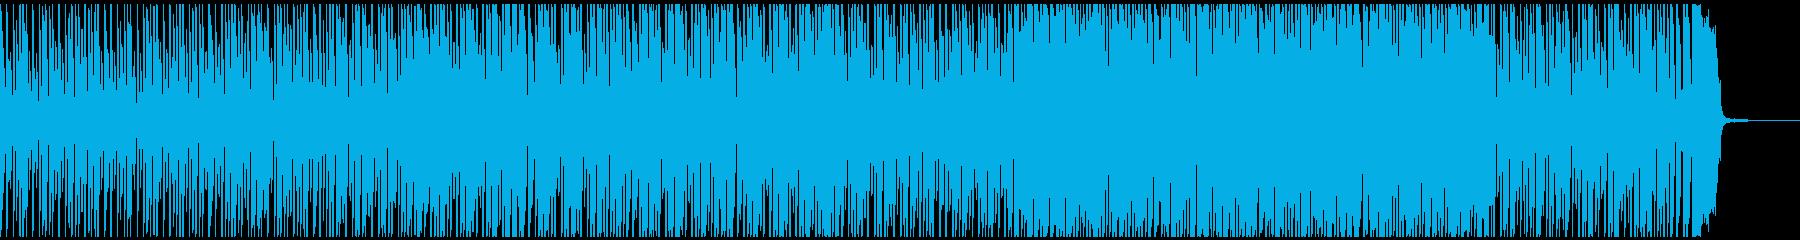 ポップなバンドの楽しいBGMコーラス抜きの再生済みの波形